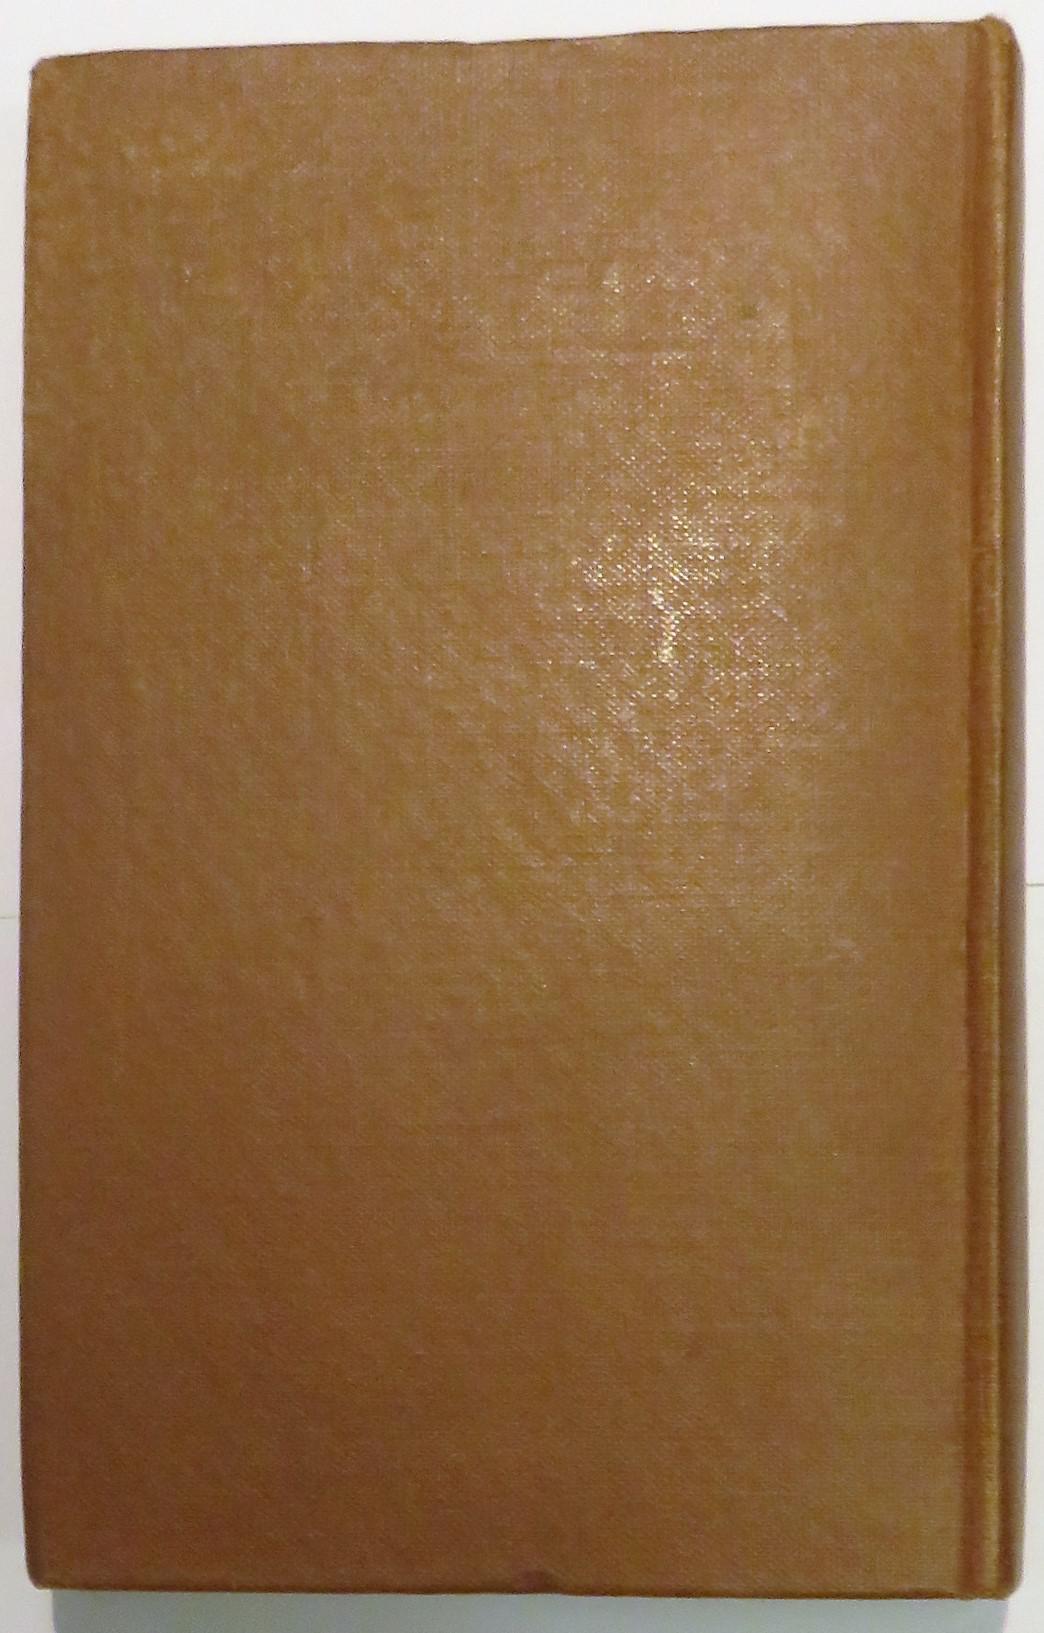 **John Wisden's Cricketers' Almanack For 1934**